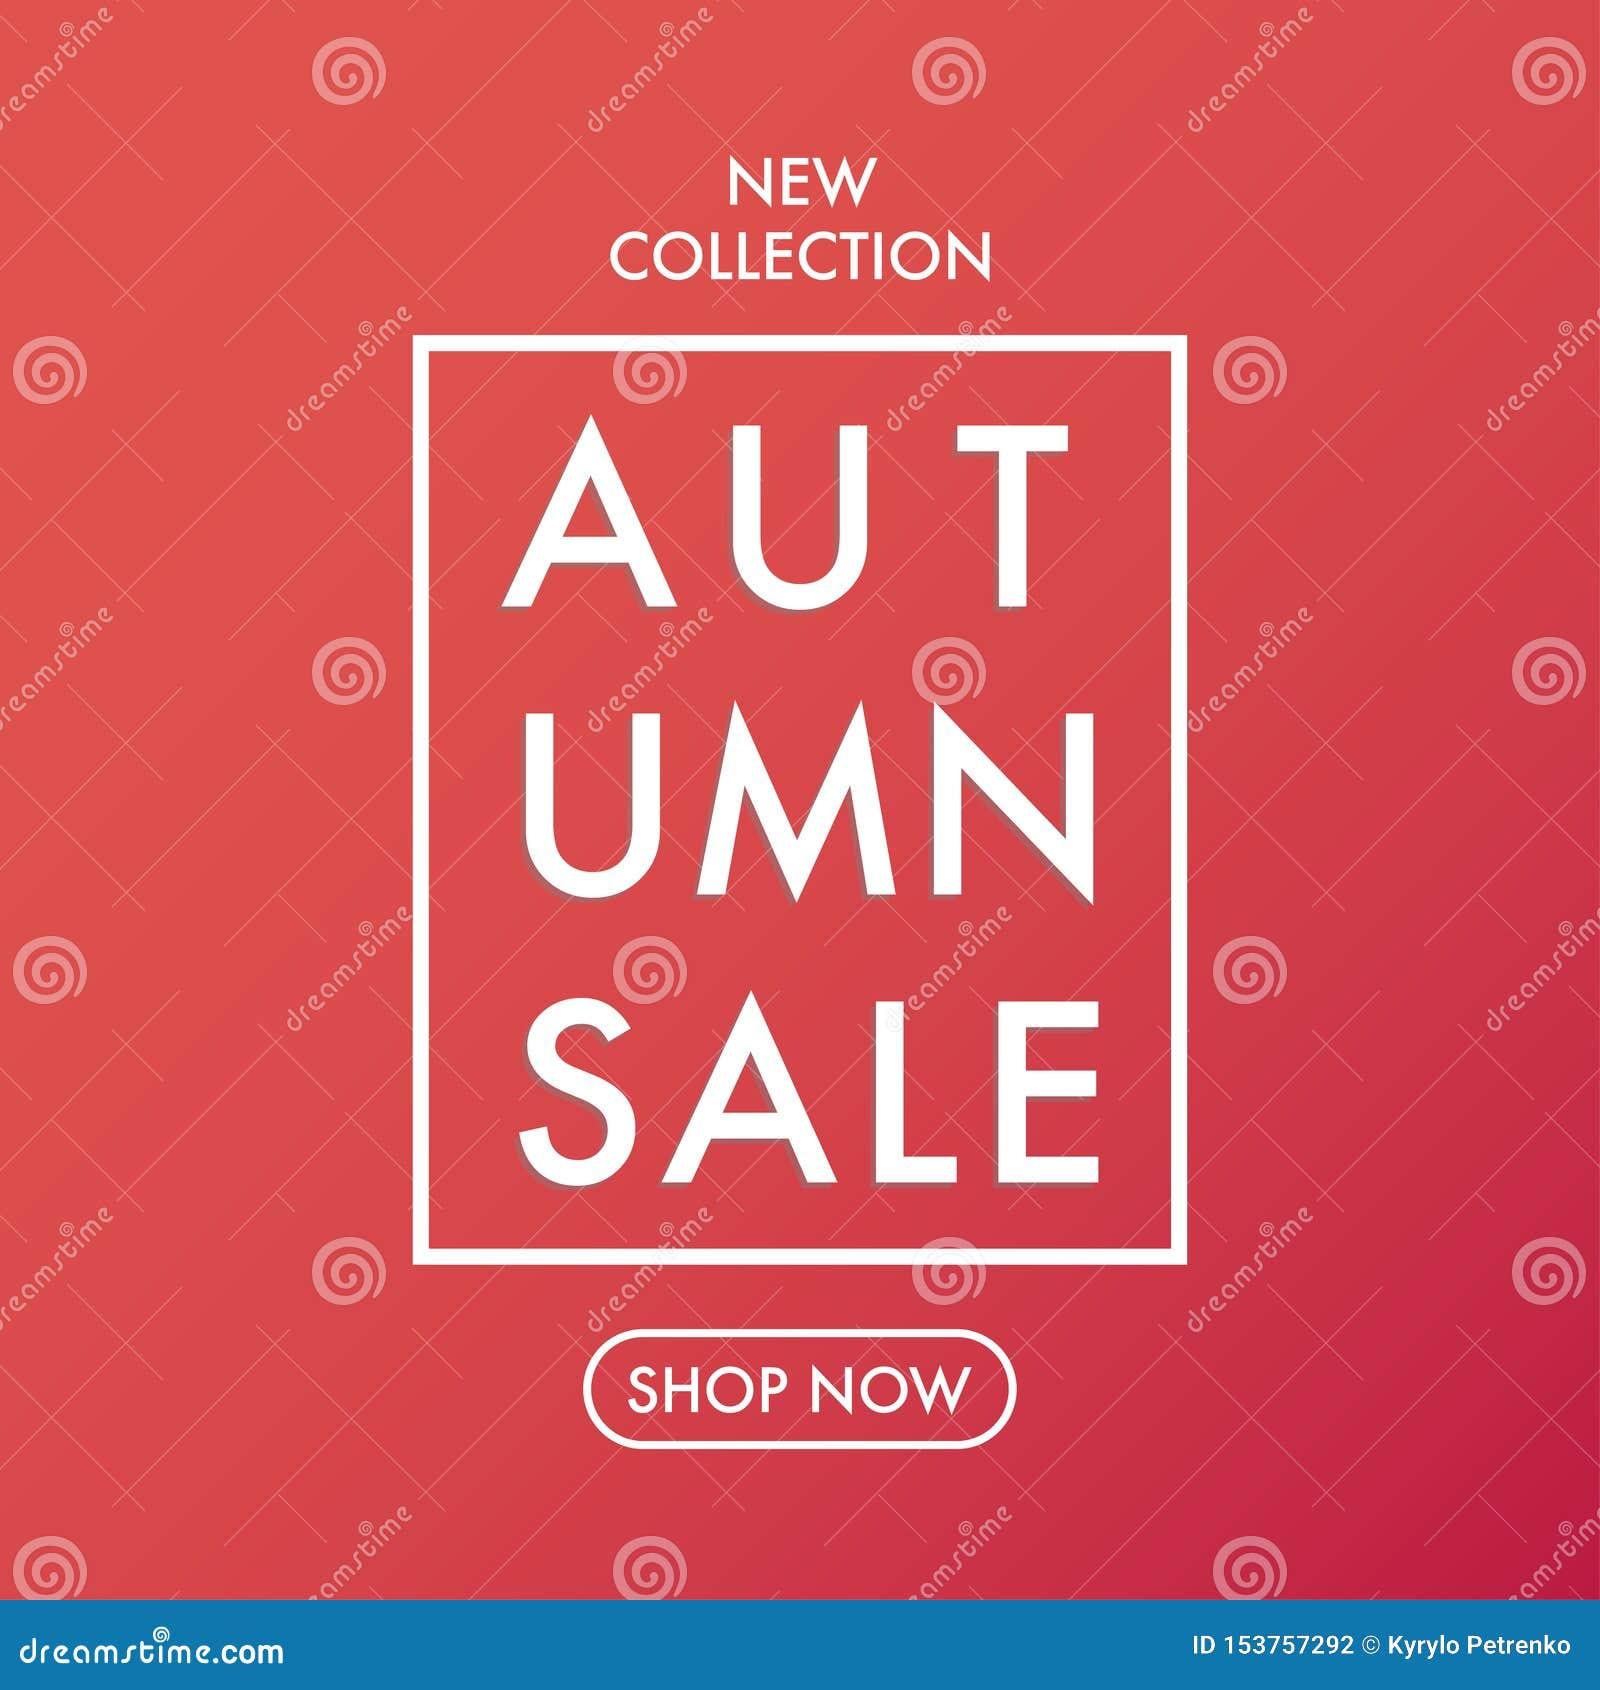 Autumn sale banner soft warm colors vector